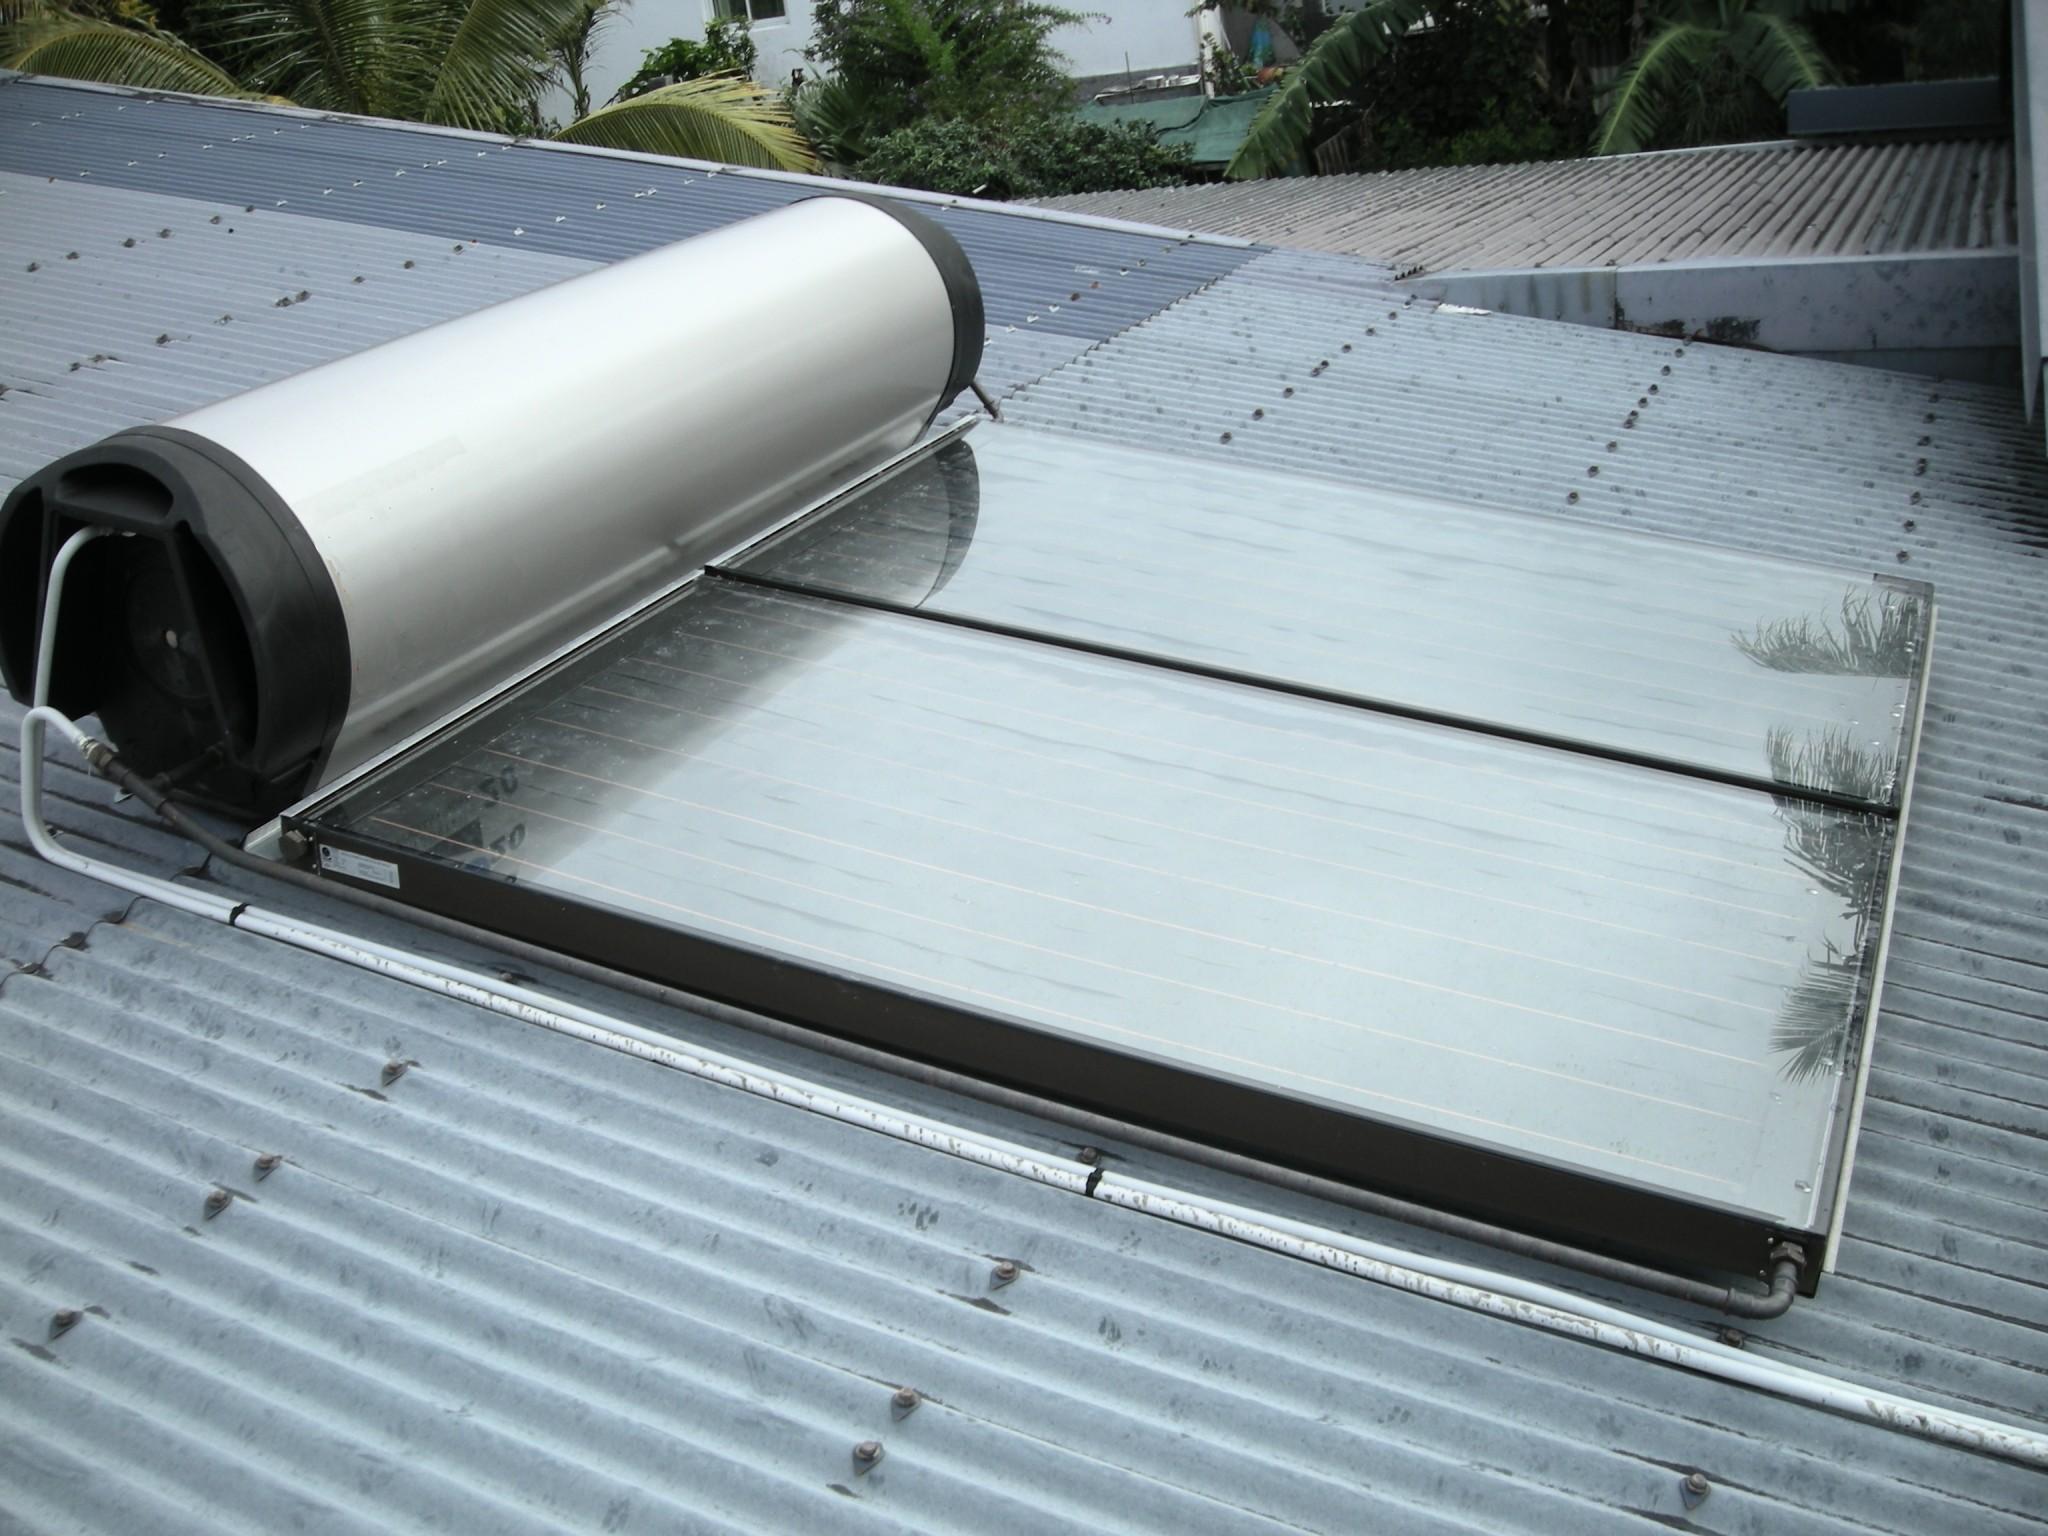 chauffe eau solaire edf veut s duire davantage de. Black Bedroom Furniture Sets. Home Design Ideas